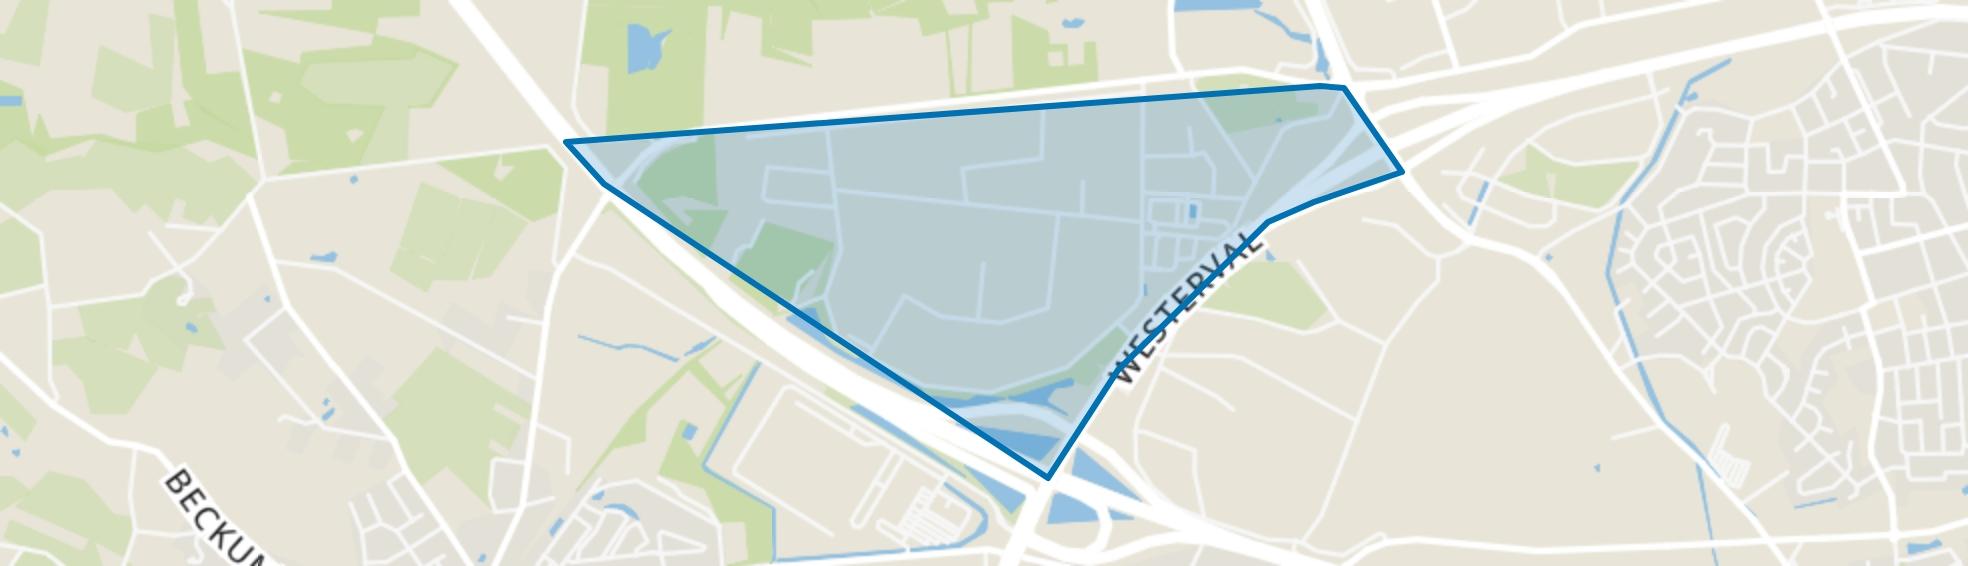 Marssteden, Enschede map